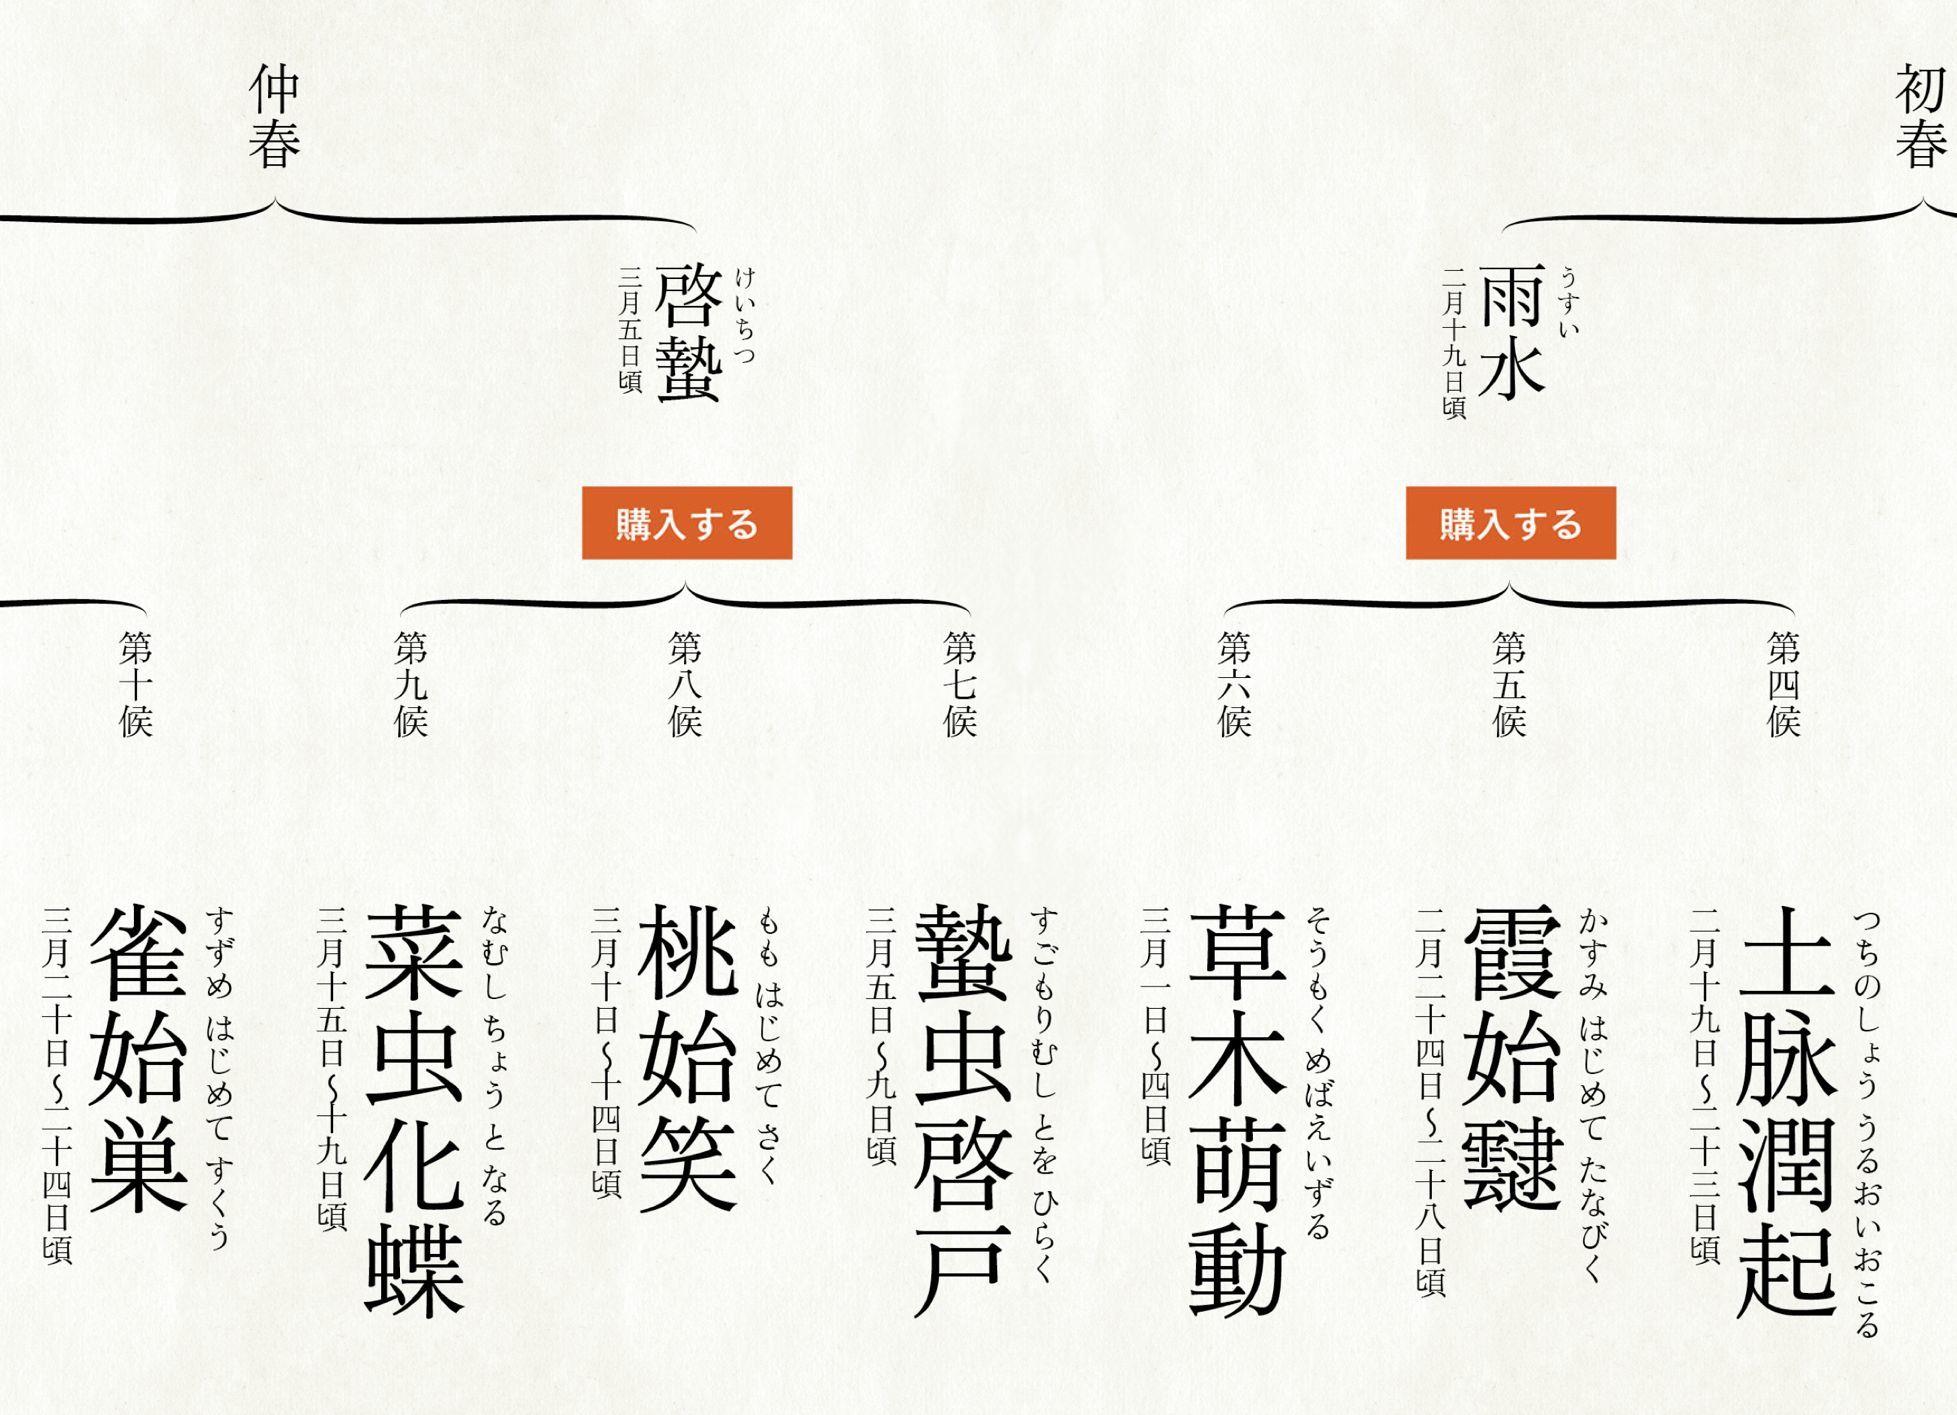 伊藤若冲 花鳥版画_c0025115_21374508.jpg